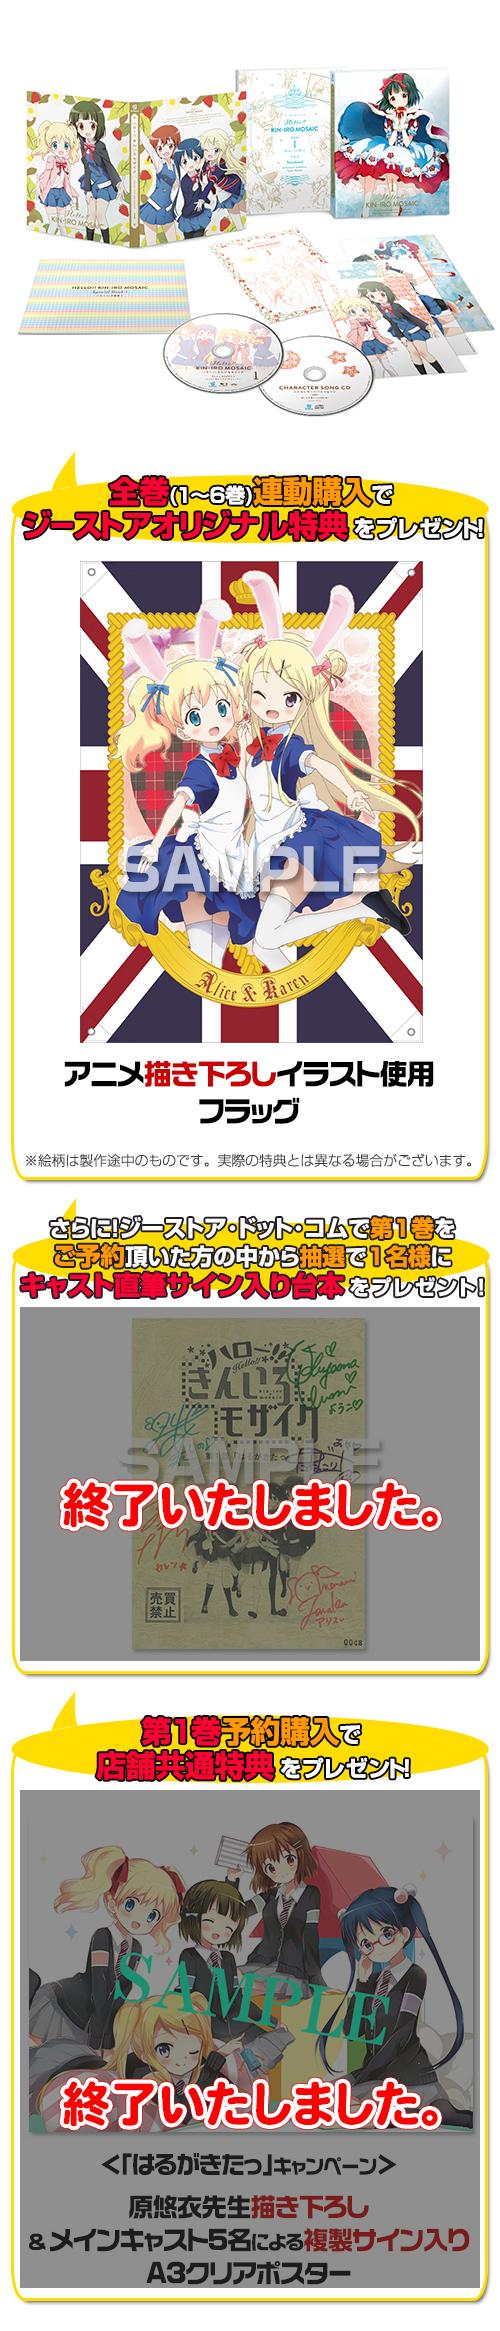 きんいろモザイク/ハロー!!きんいろモザイク/★GEE!特典付★ハロー!!きんいろモザイク Vol.1【DVD】